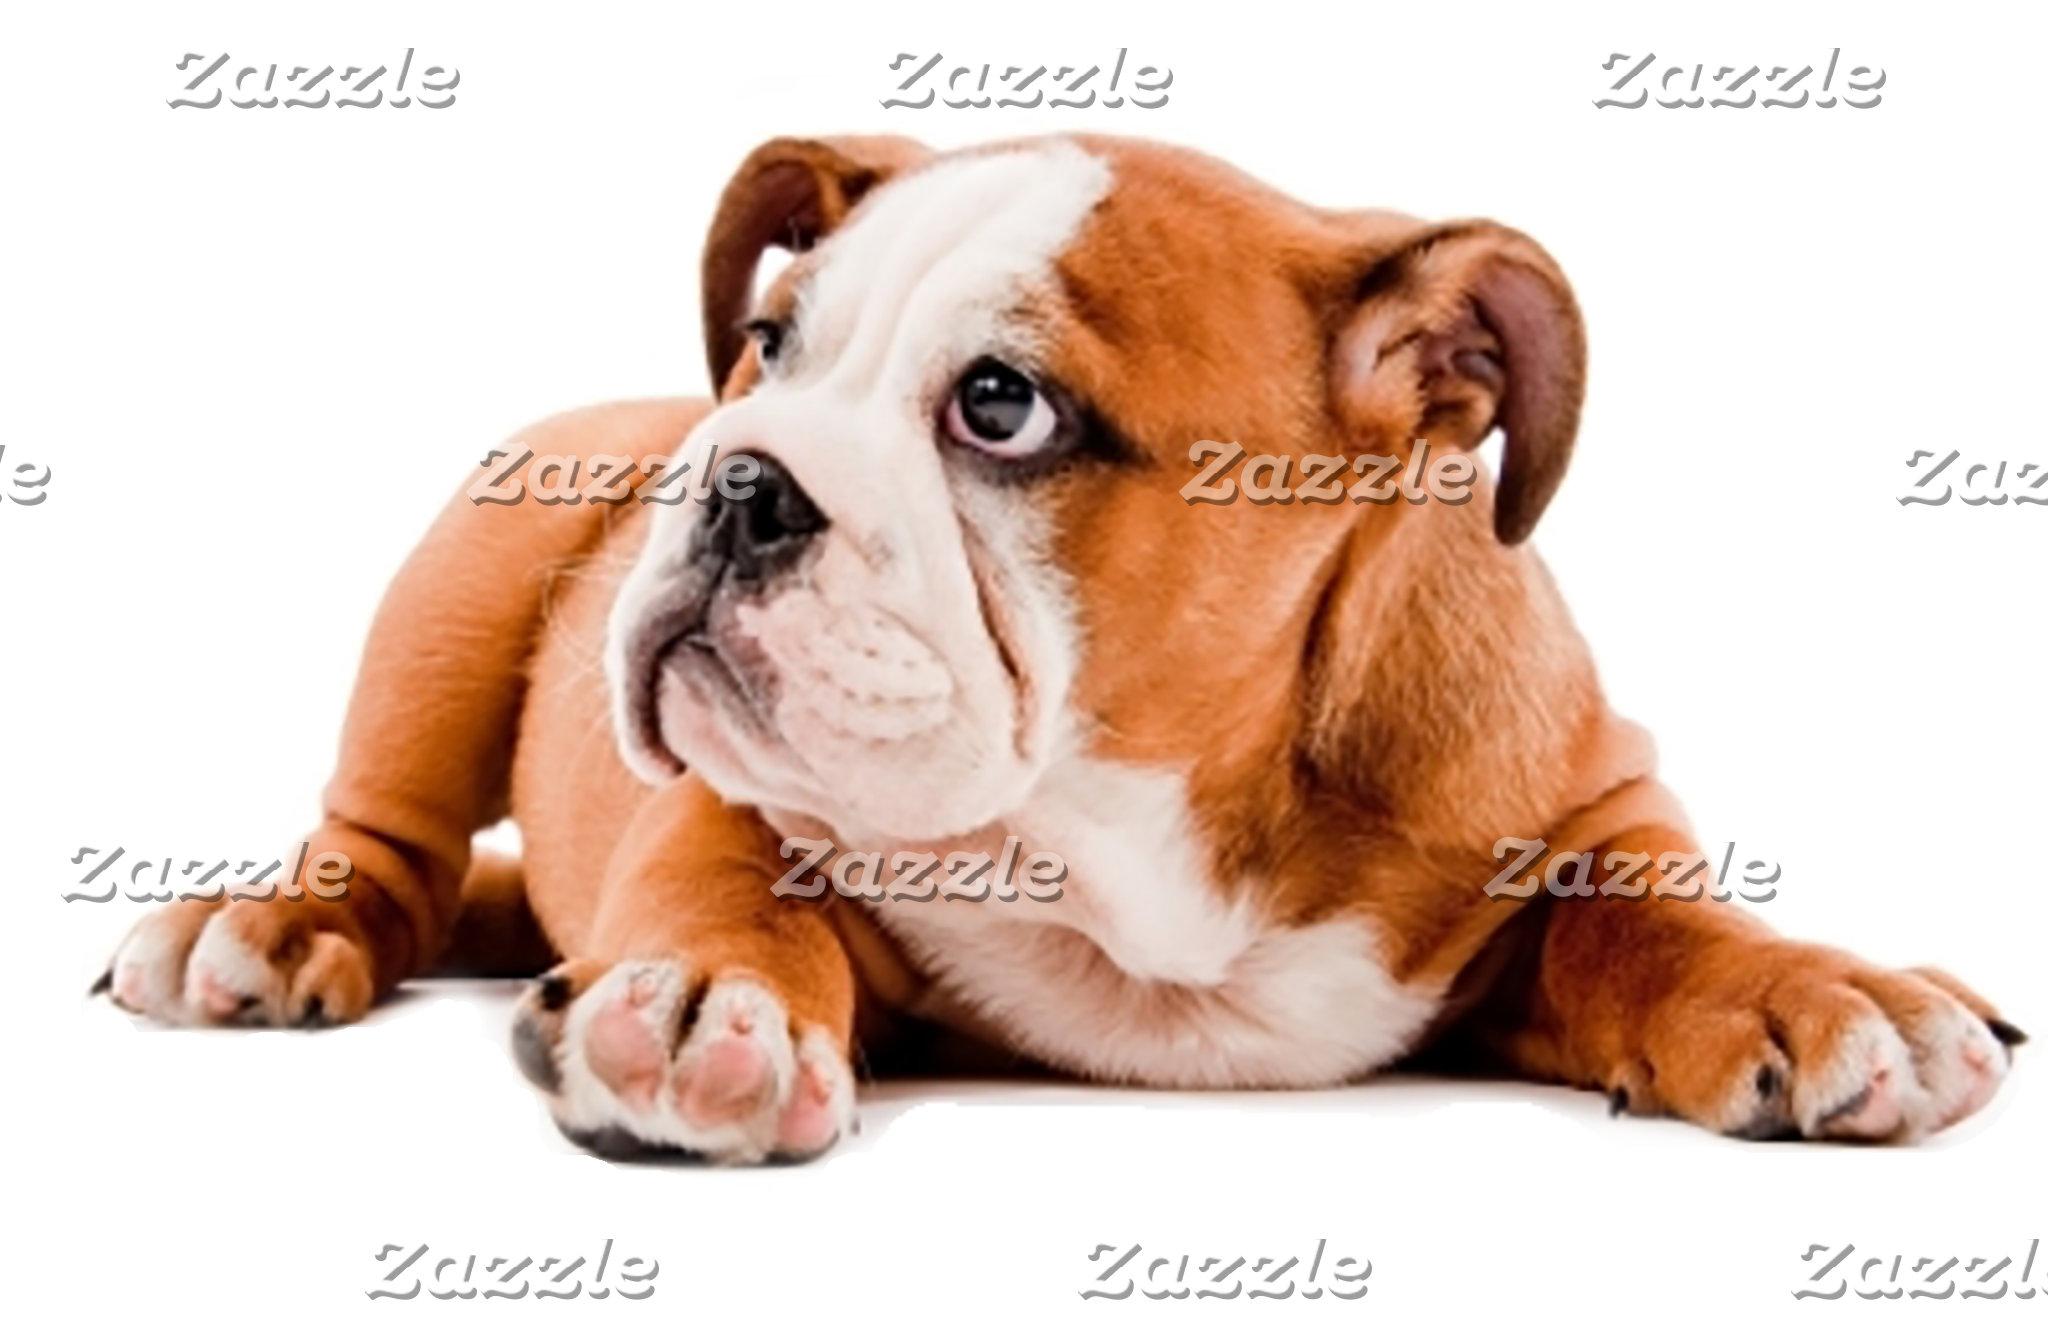 Bulldog - English